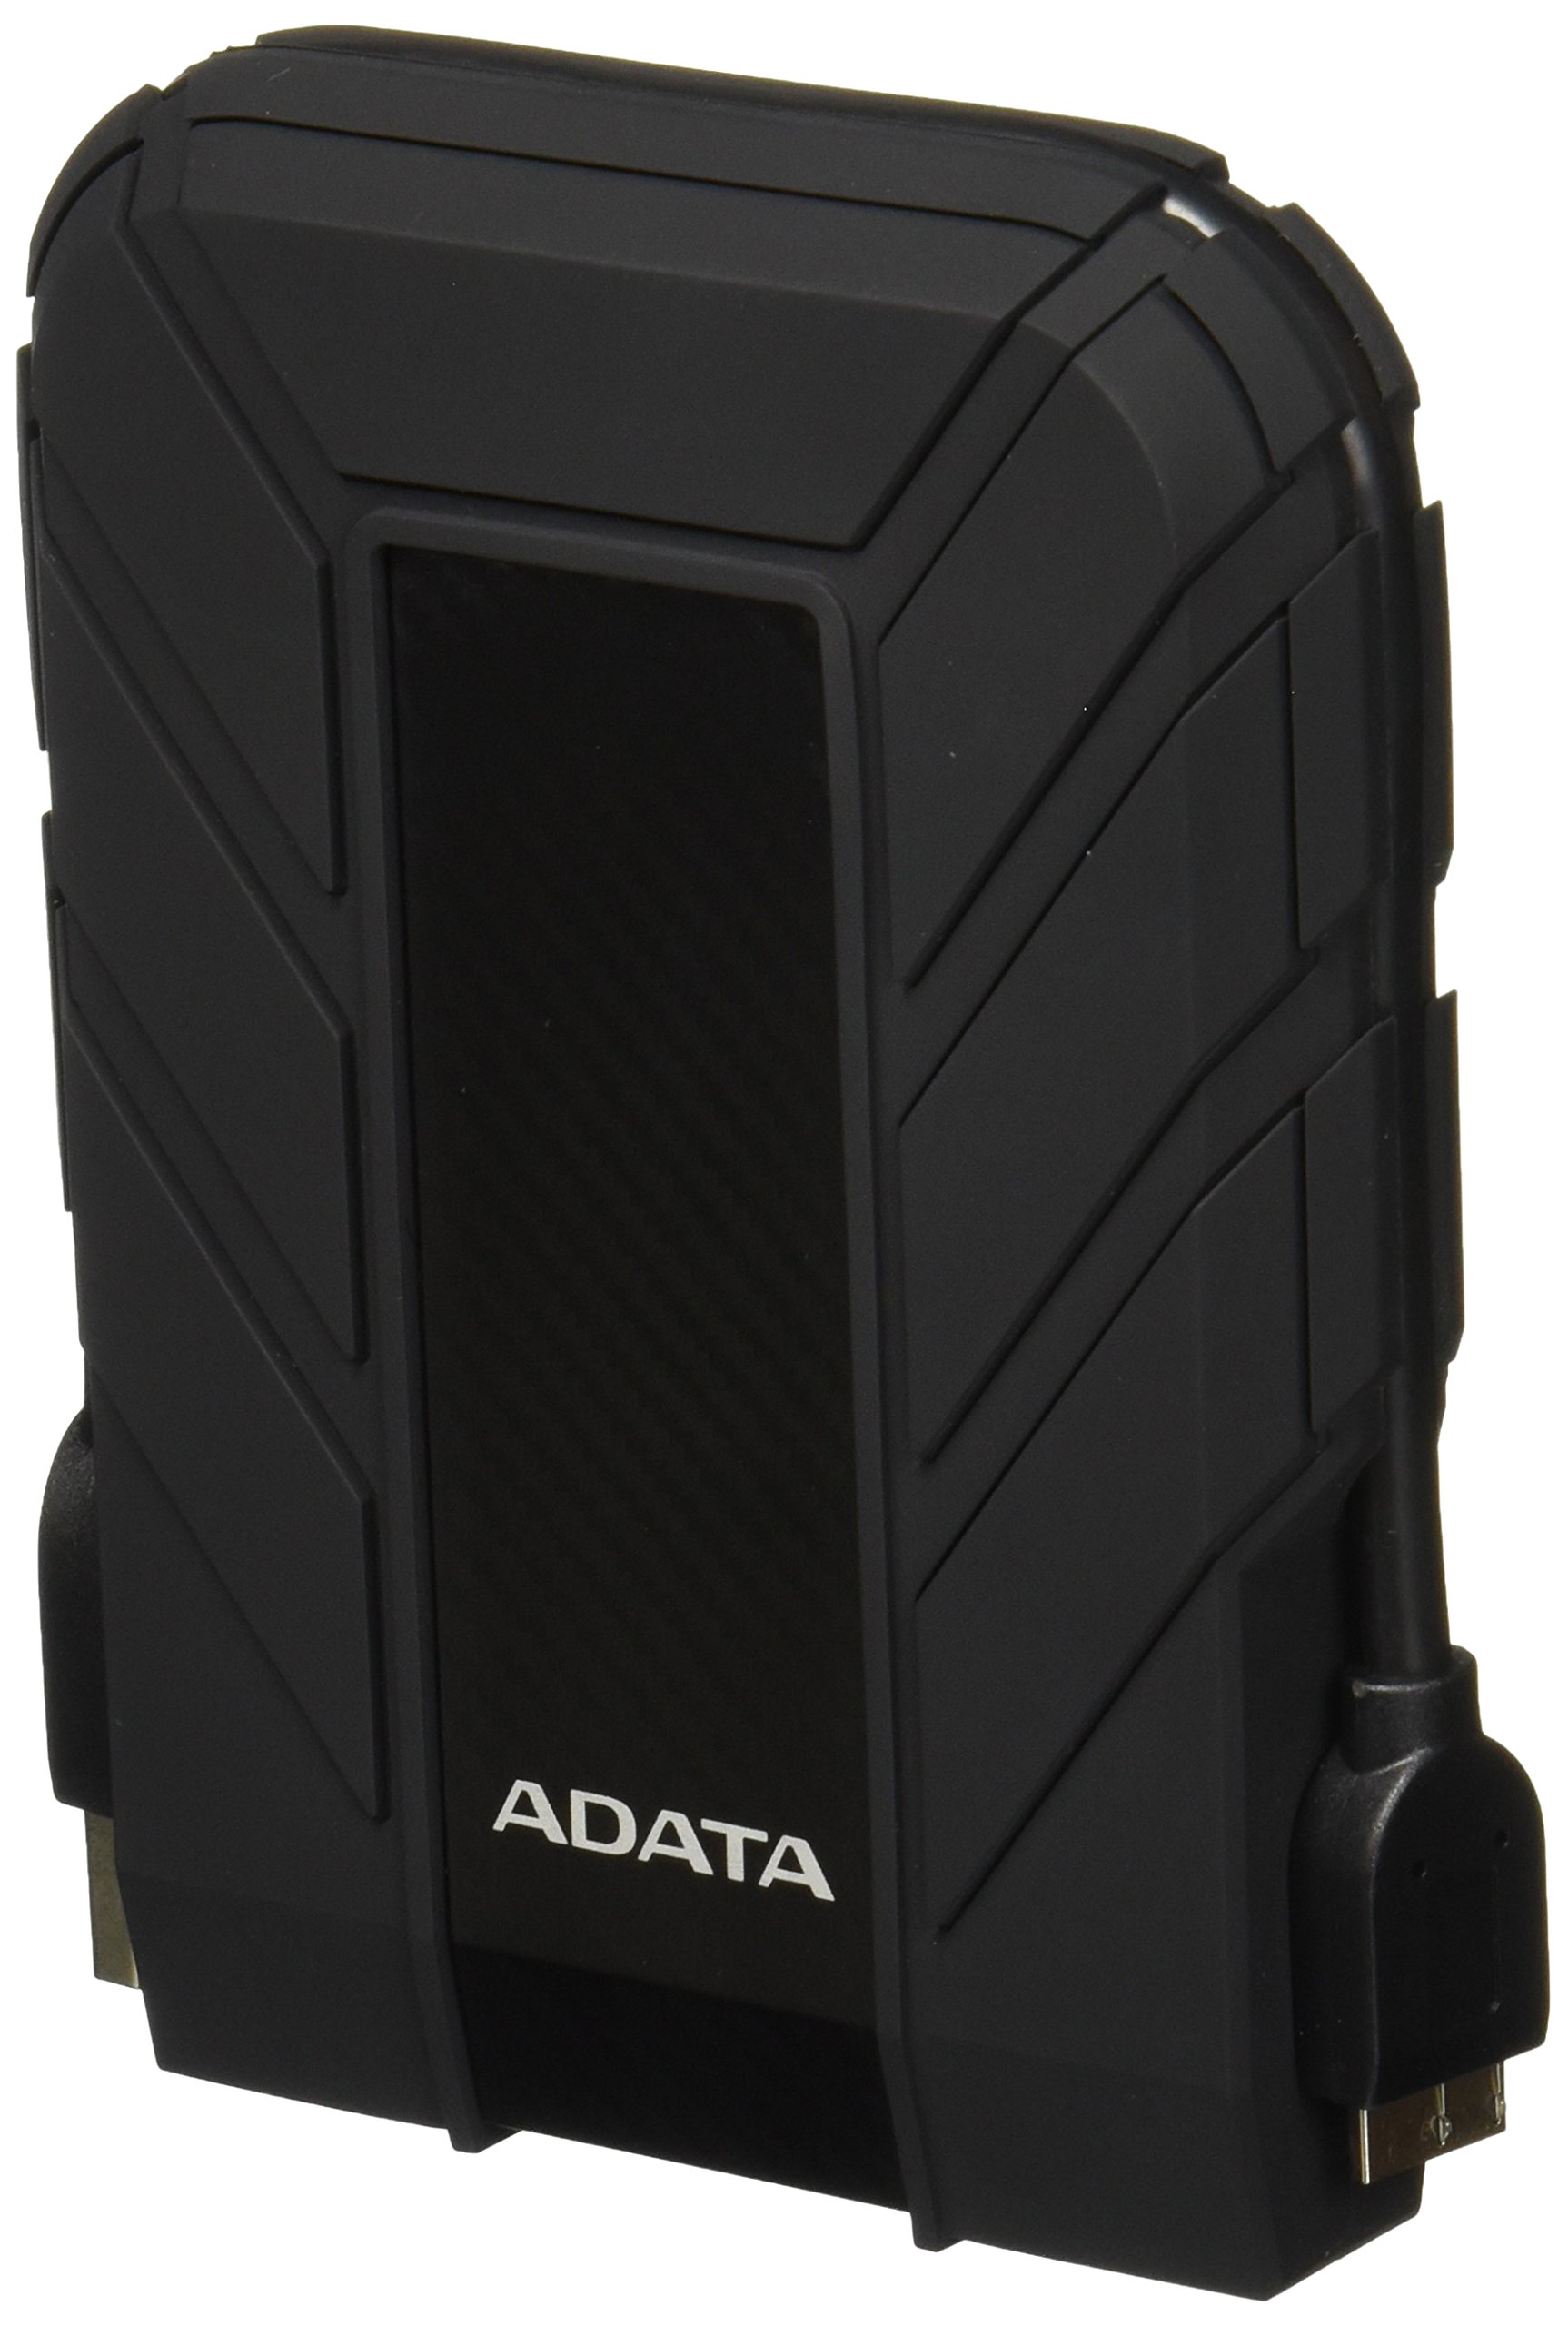 ADATA HD710 Pro 2TB USB 3.1 IP68 Waterproof/Shockproof/Dustproof Ruggedized External Hard Drive, Black (AHD710P-2TU31-CBK)